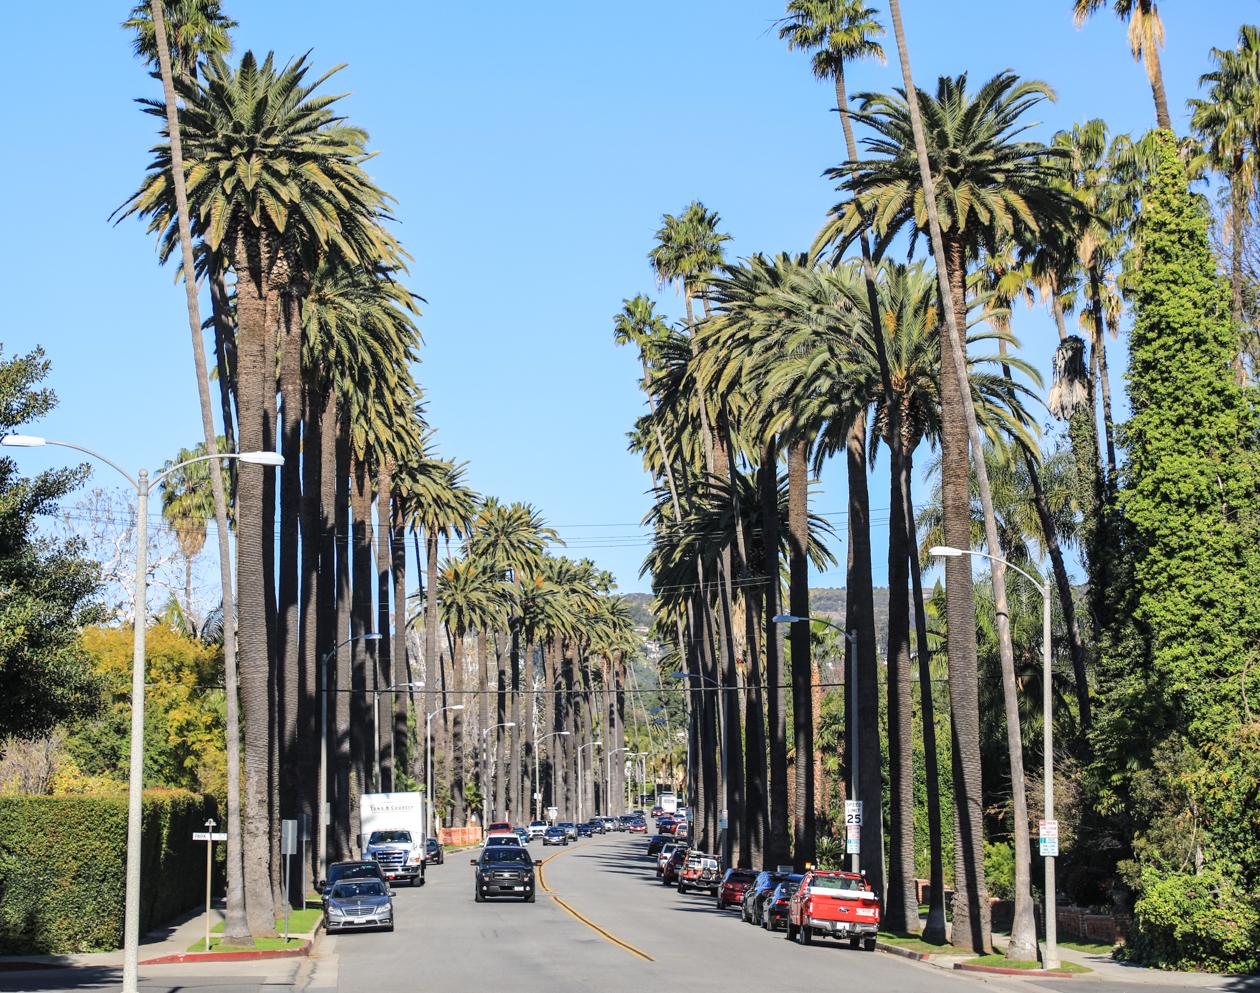 losangeles-palmen-van-beverly-hills